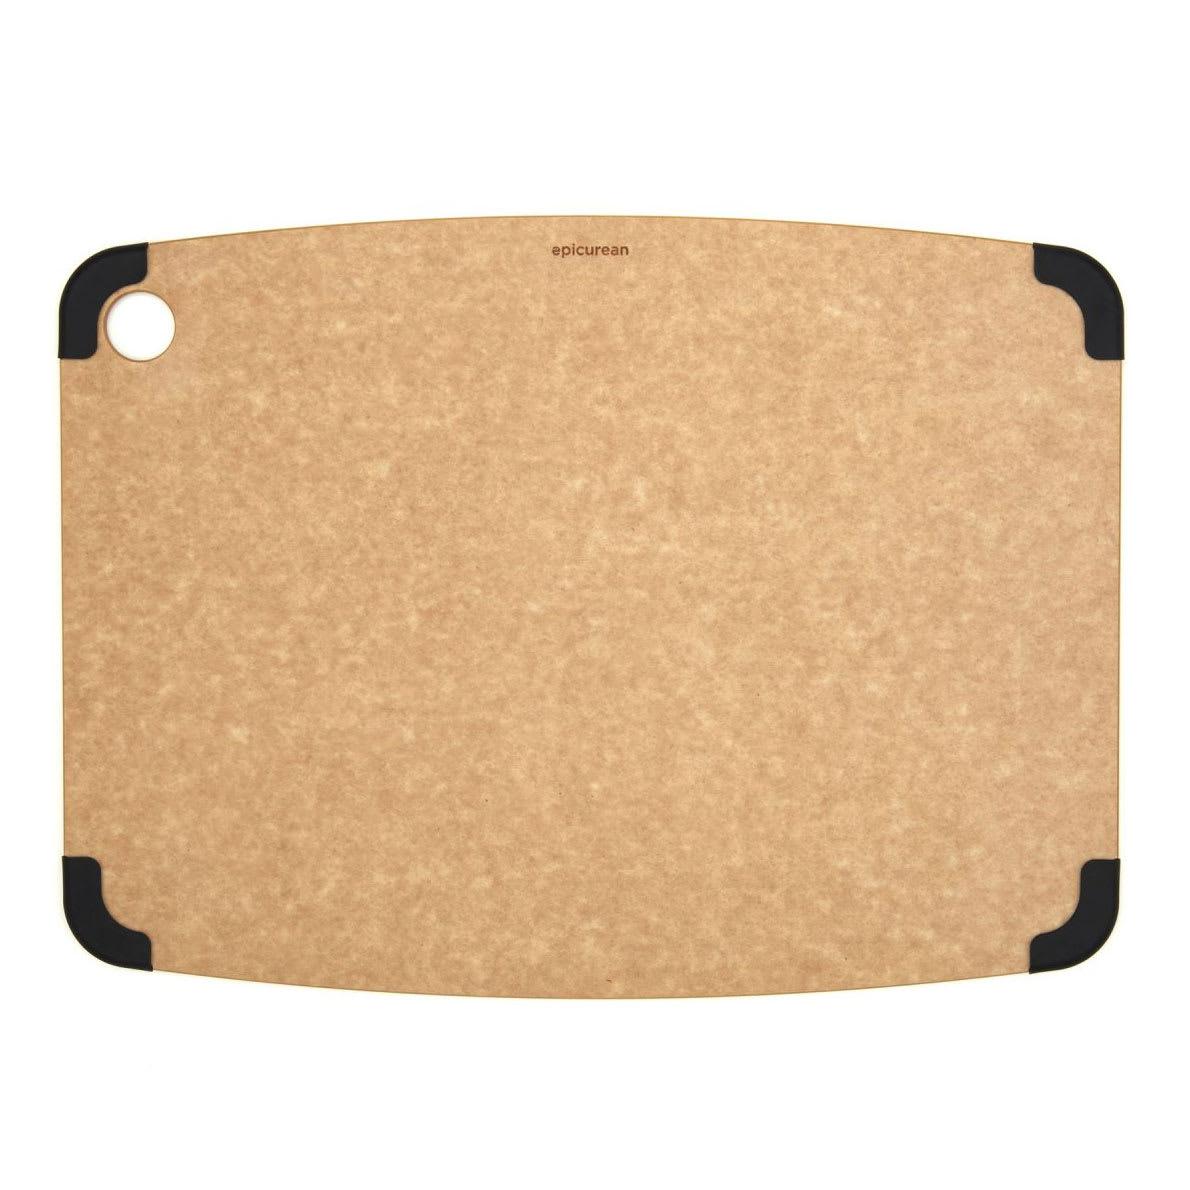 Epicurean 202-18130103 Non Slip Cutting Board, 17.5x13, N...